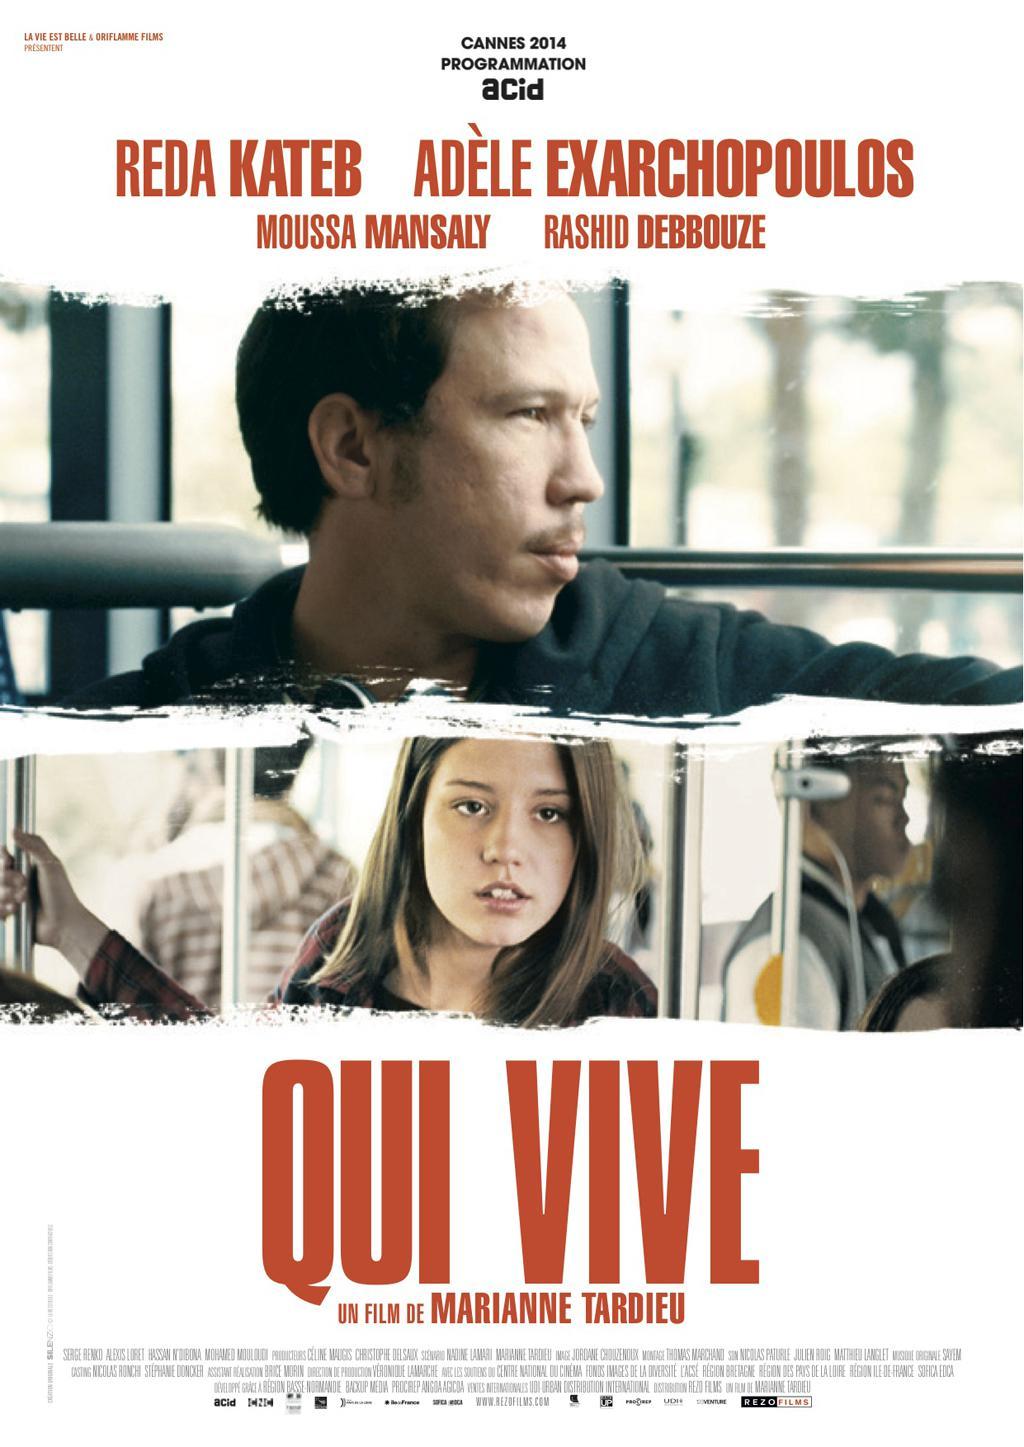 LA ORPHELINE PETITE ANNIE FILM TÉLÉCHARGER